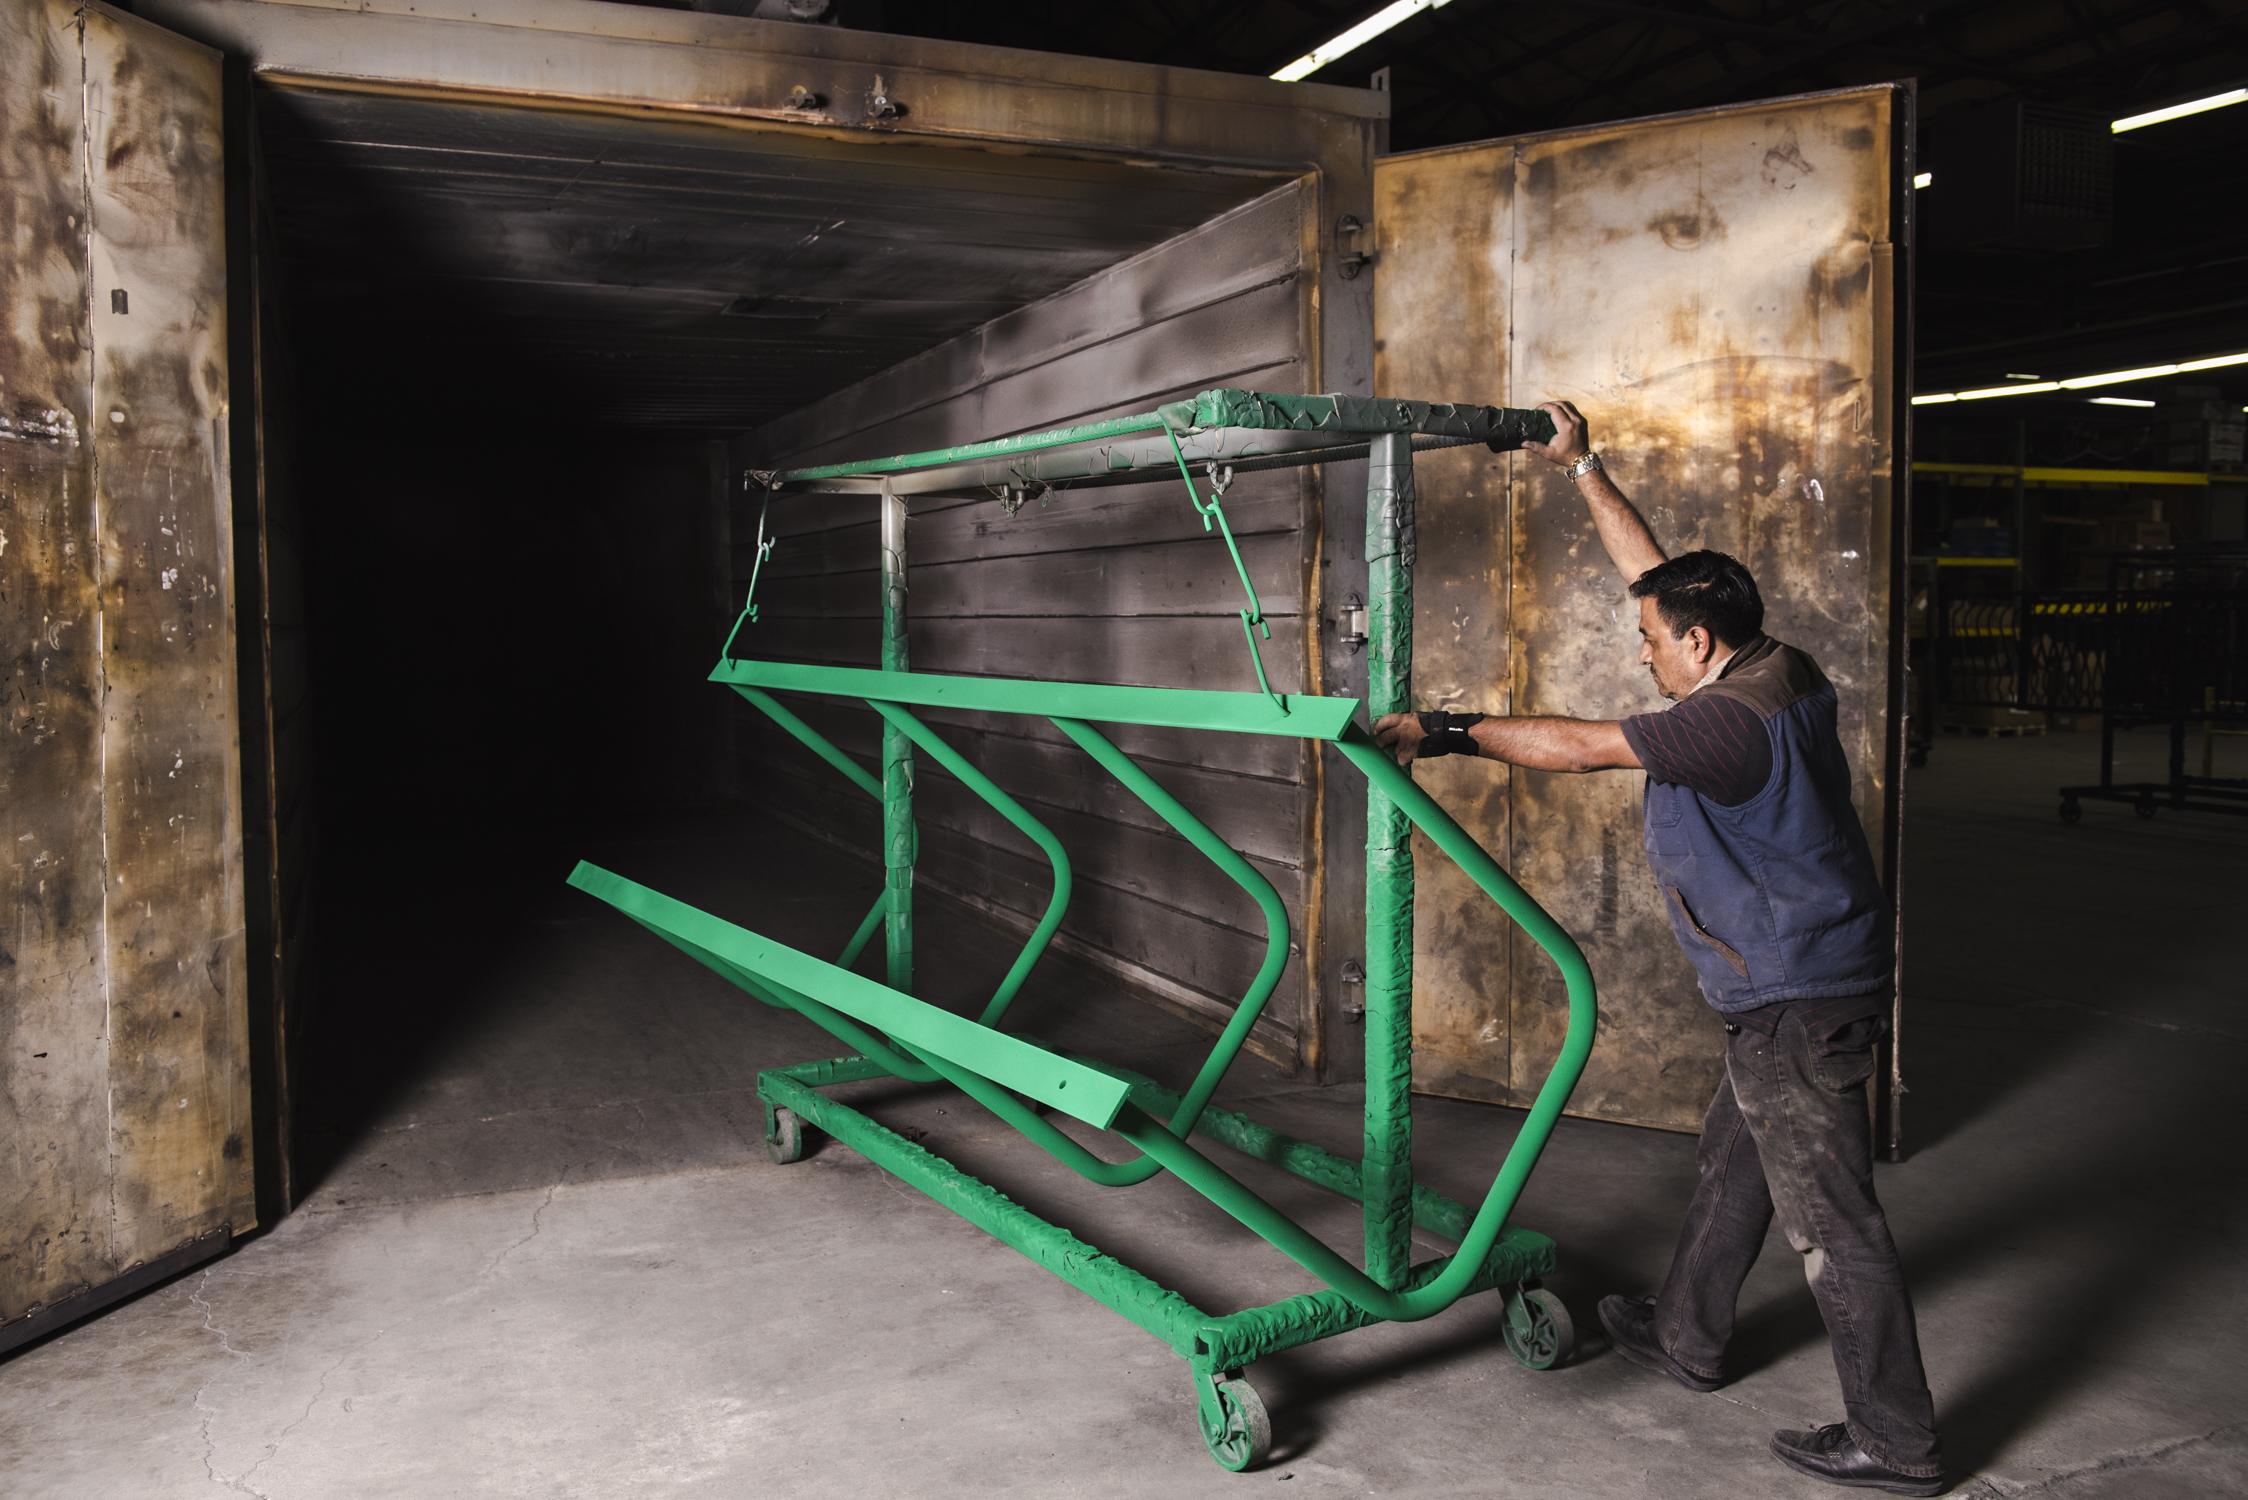 bike-rack-powder-coating-rack-oven